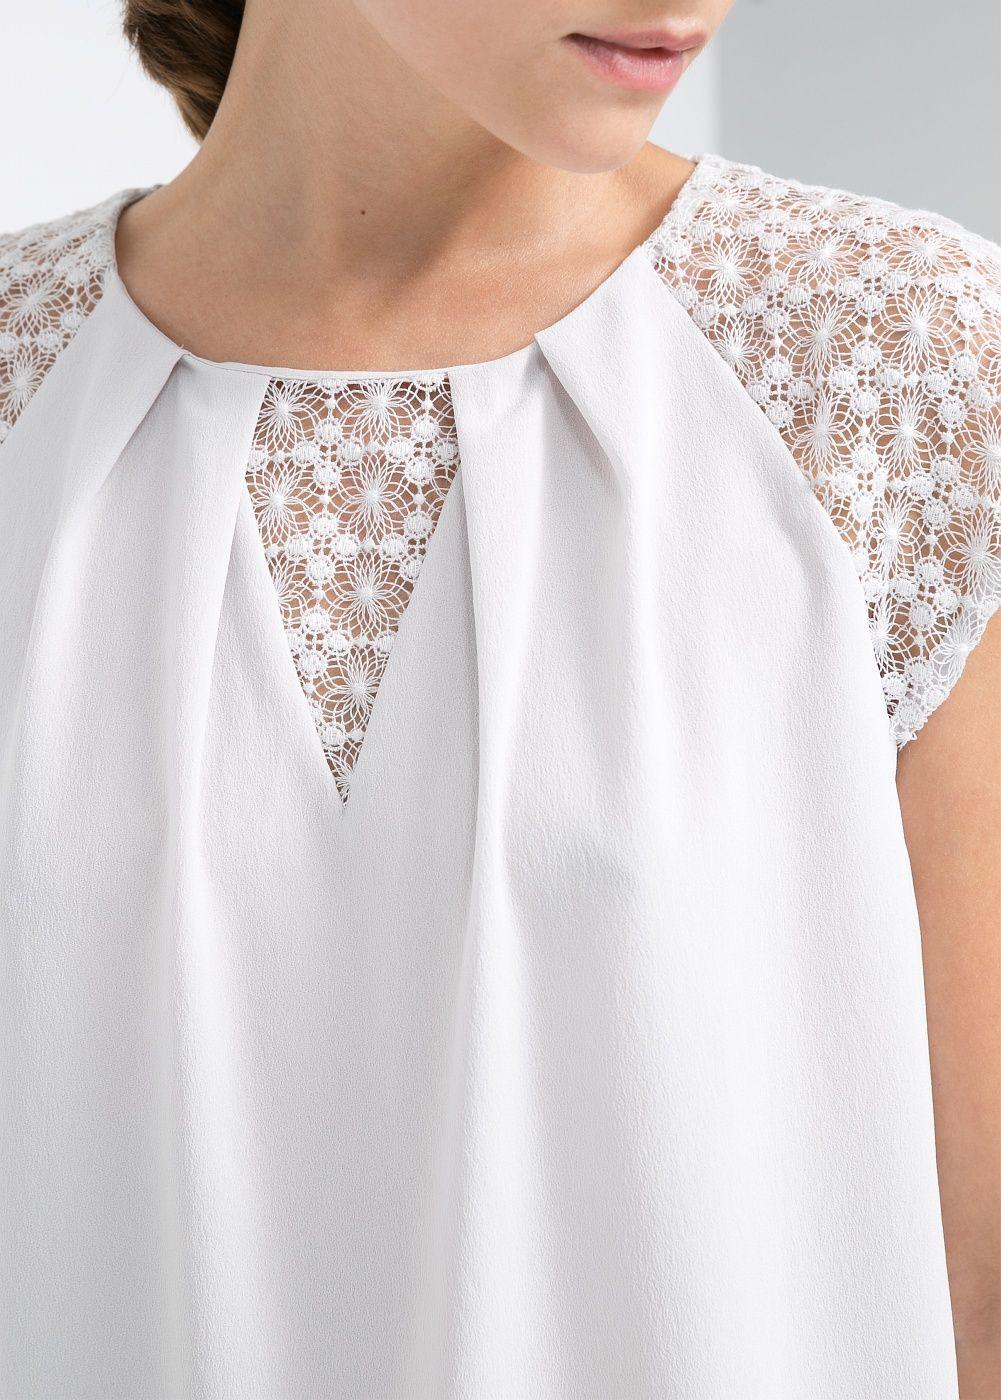 Lace detail blouse - Woman | Costura adulto/infantil | Pinterest ...